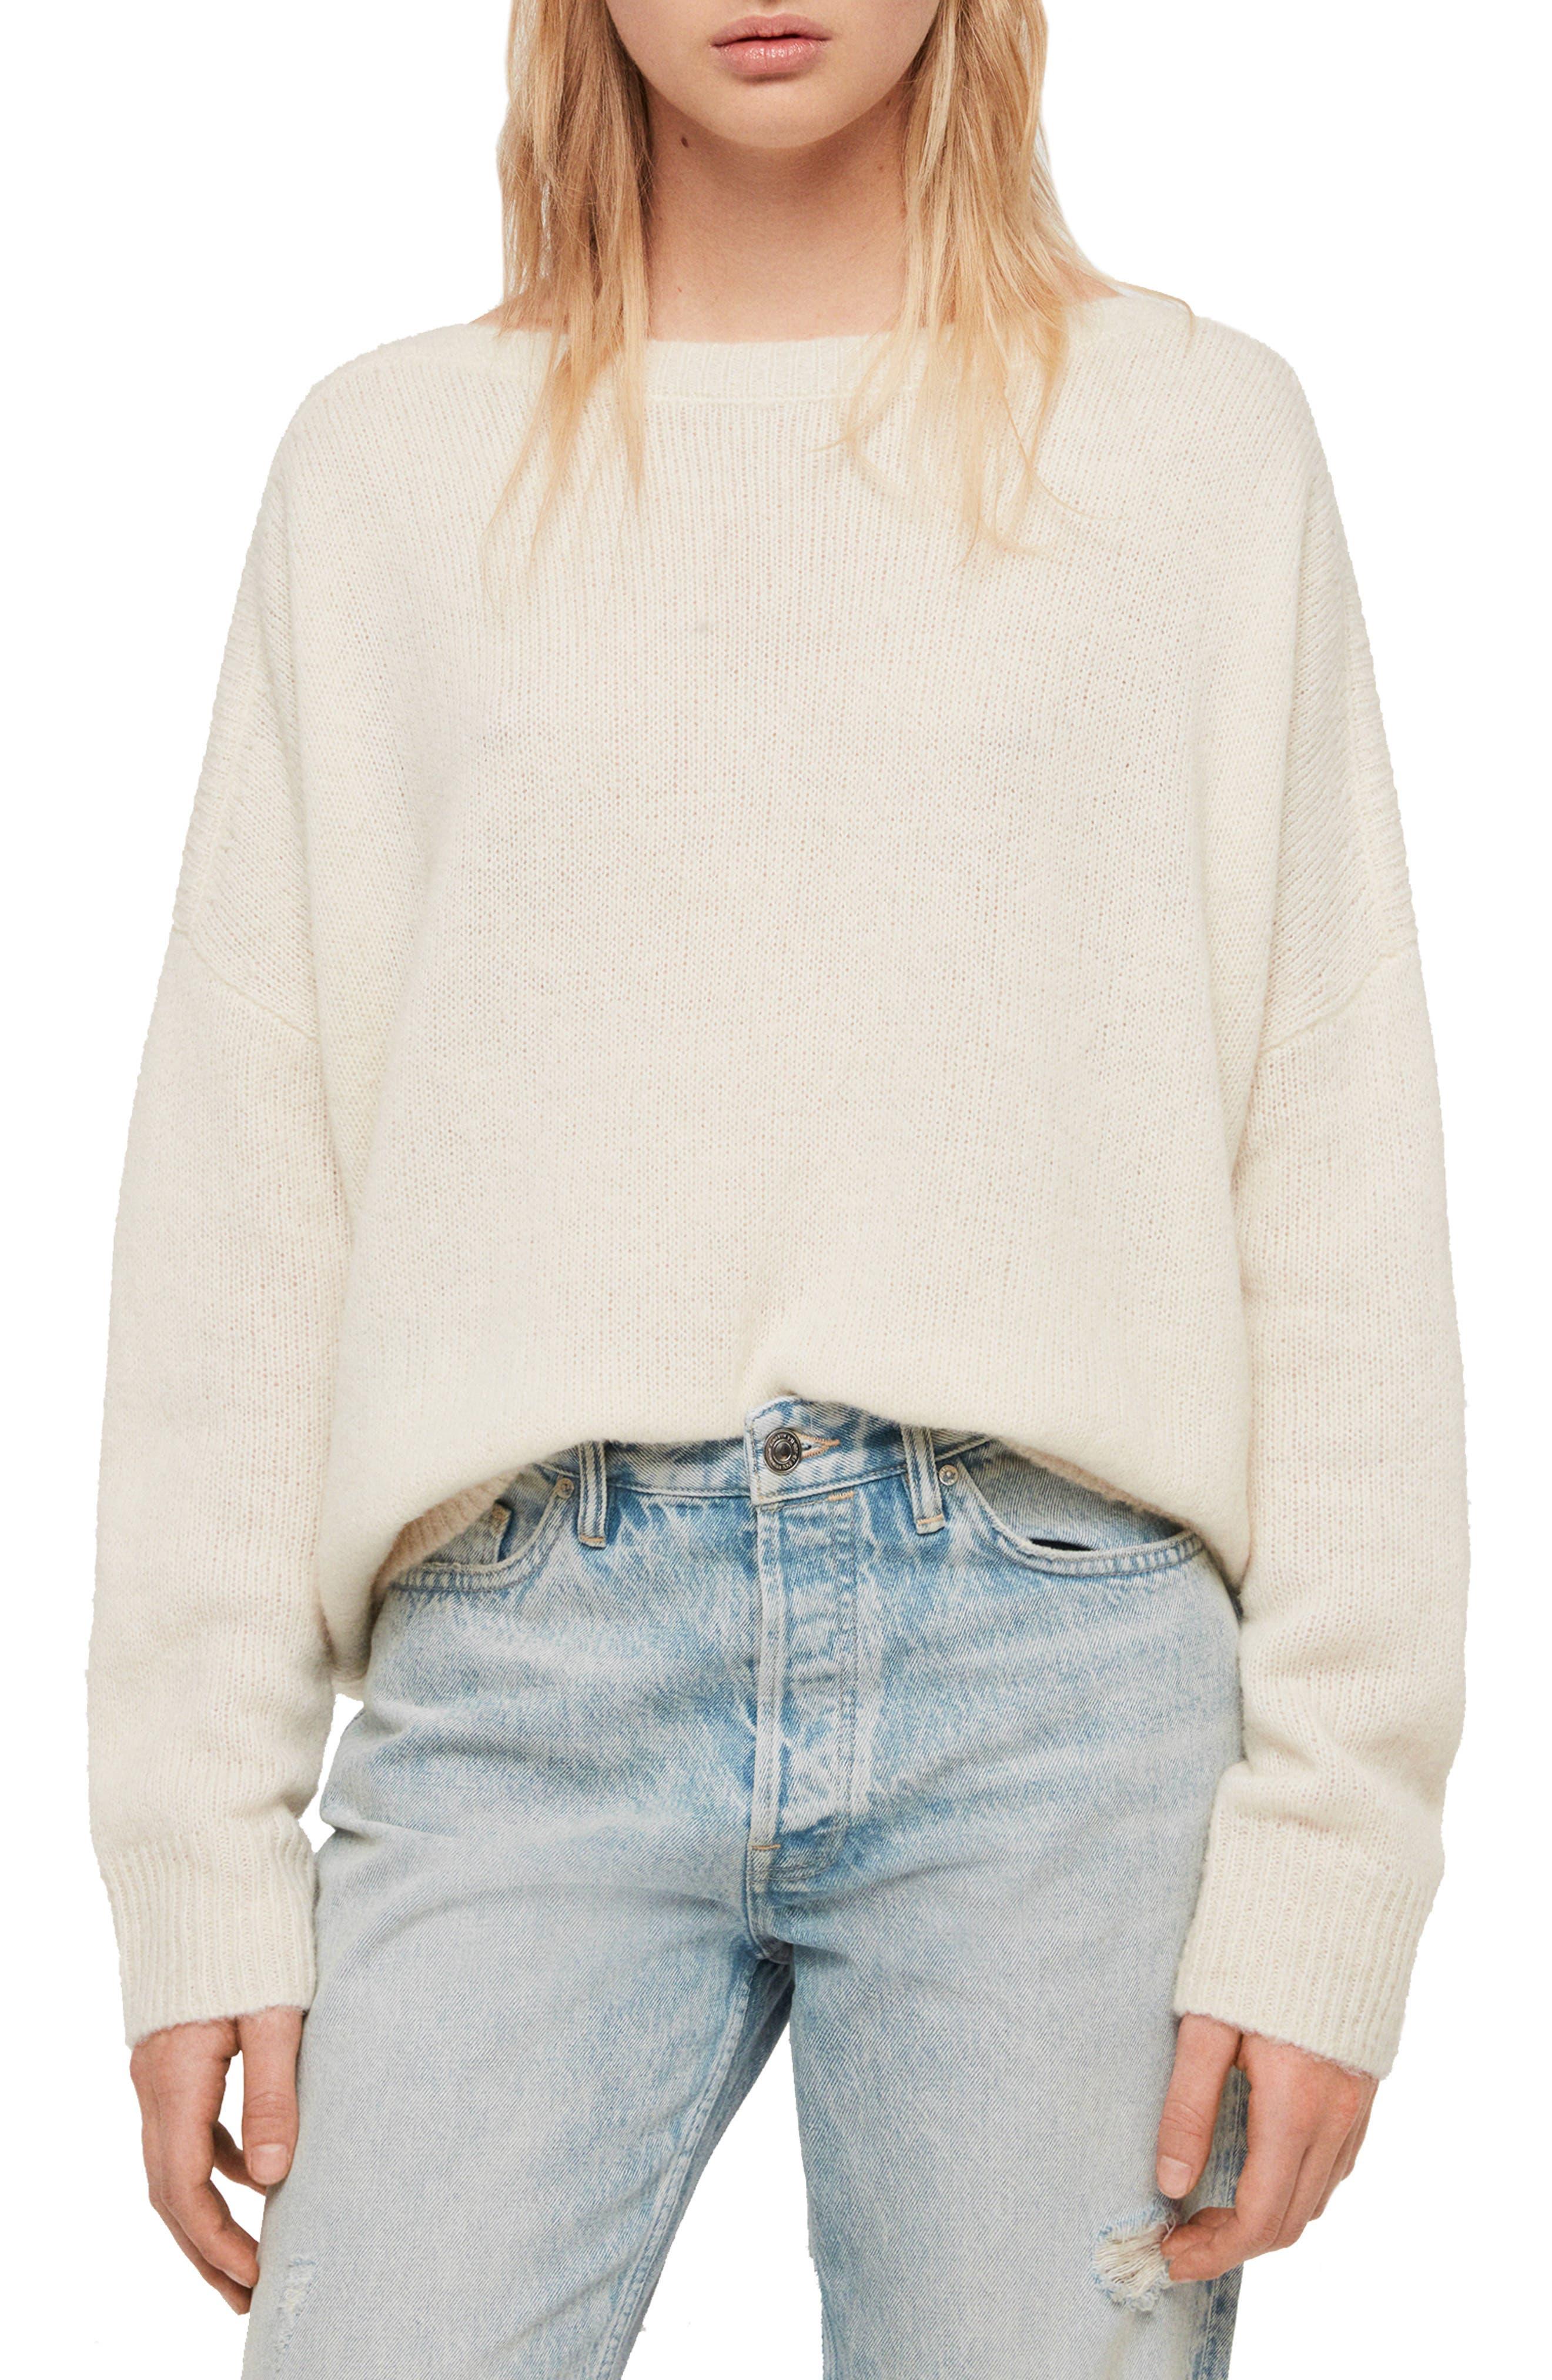 ALLSAINTS, Aris Sweater, Main thumbnail 1, color, CHALK WHITE